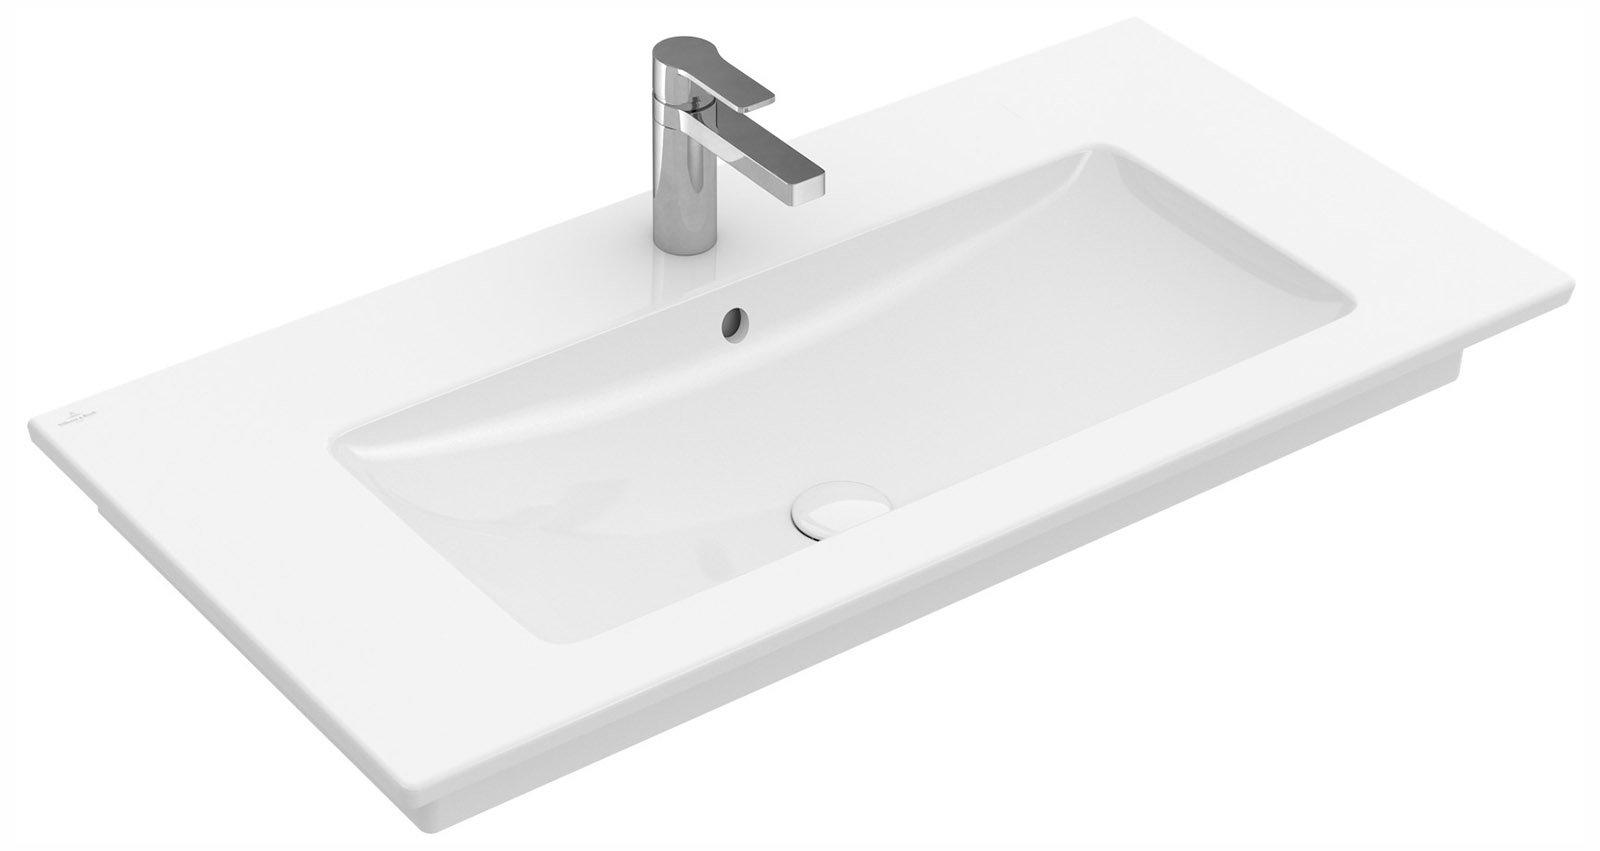 lavabi con profondit ridotta danno una sensazione di maggior spazio nei bagni stretti e lunghi